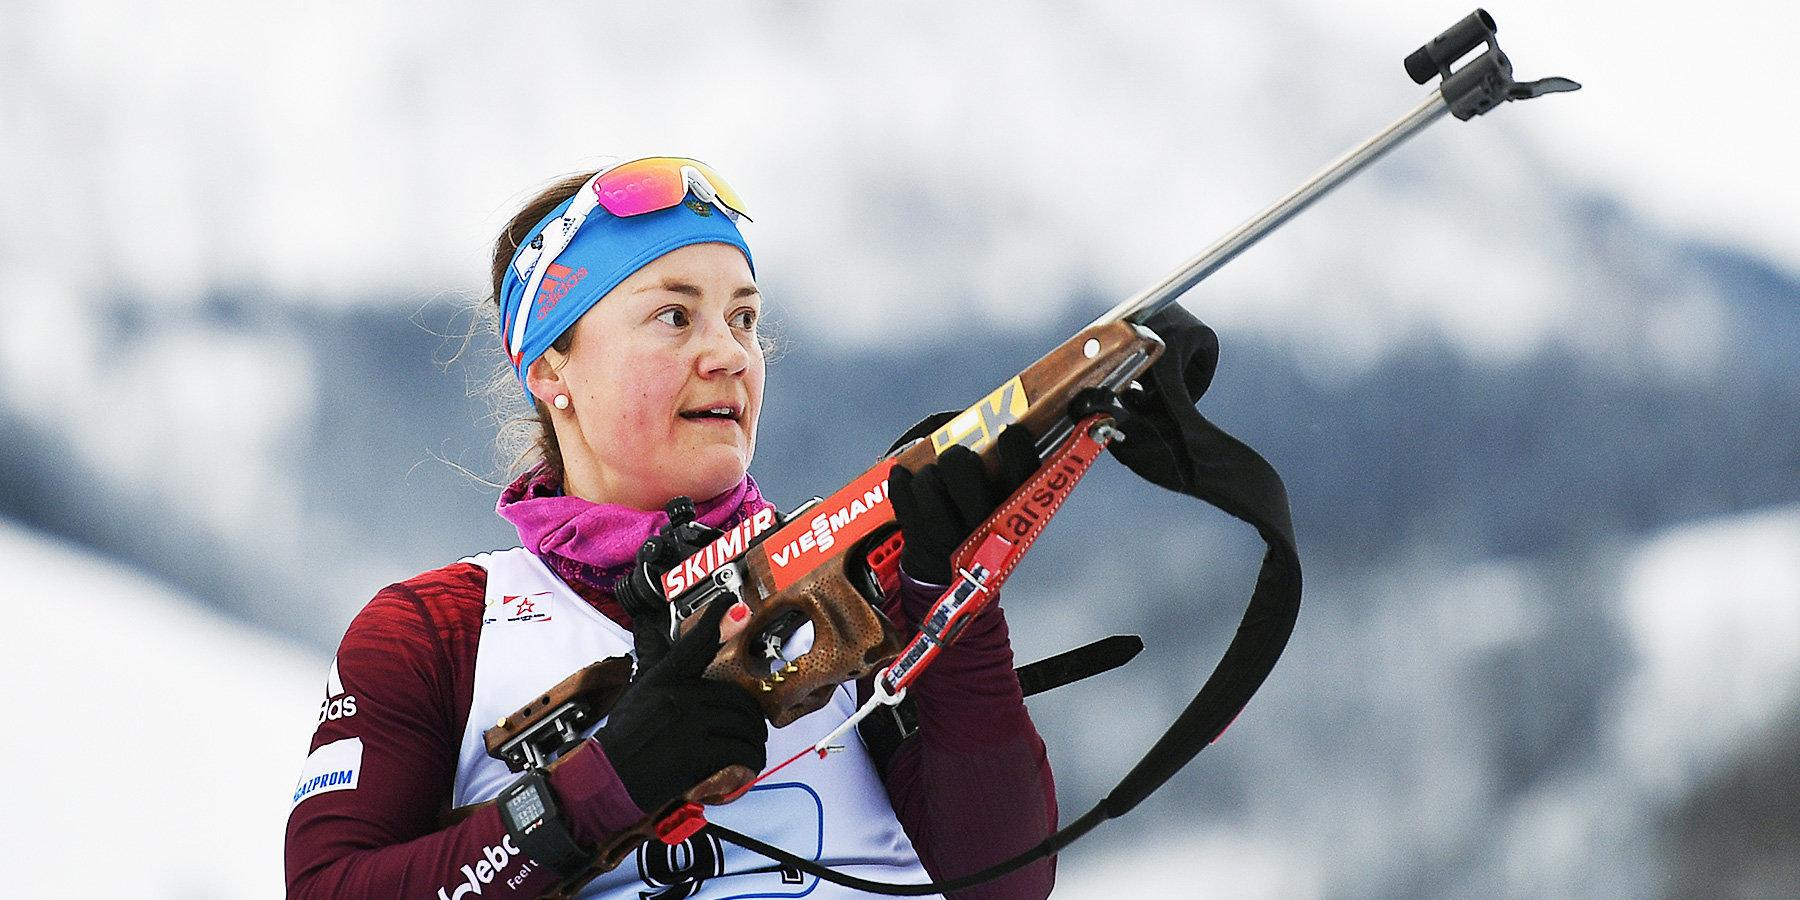 Екатерина Юрлова выиграла гонку преследования начемпионате Российской Федерации